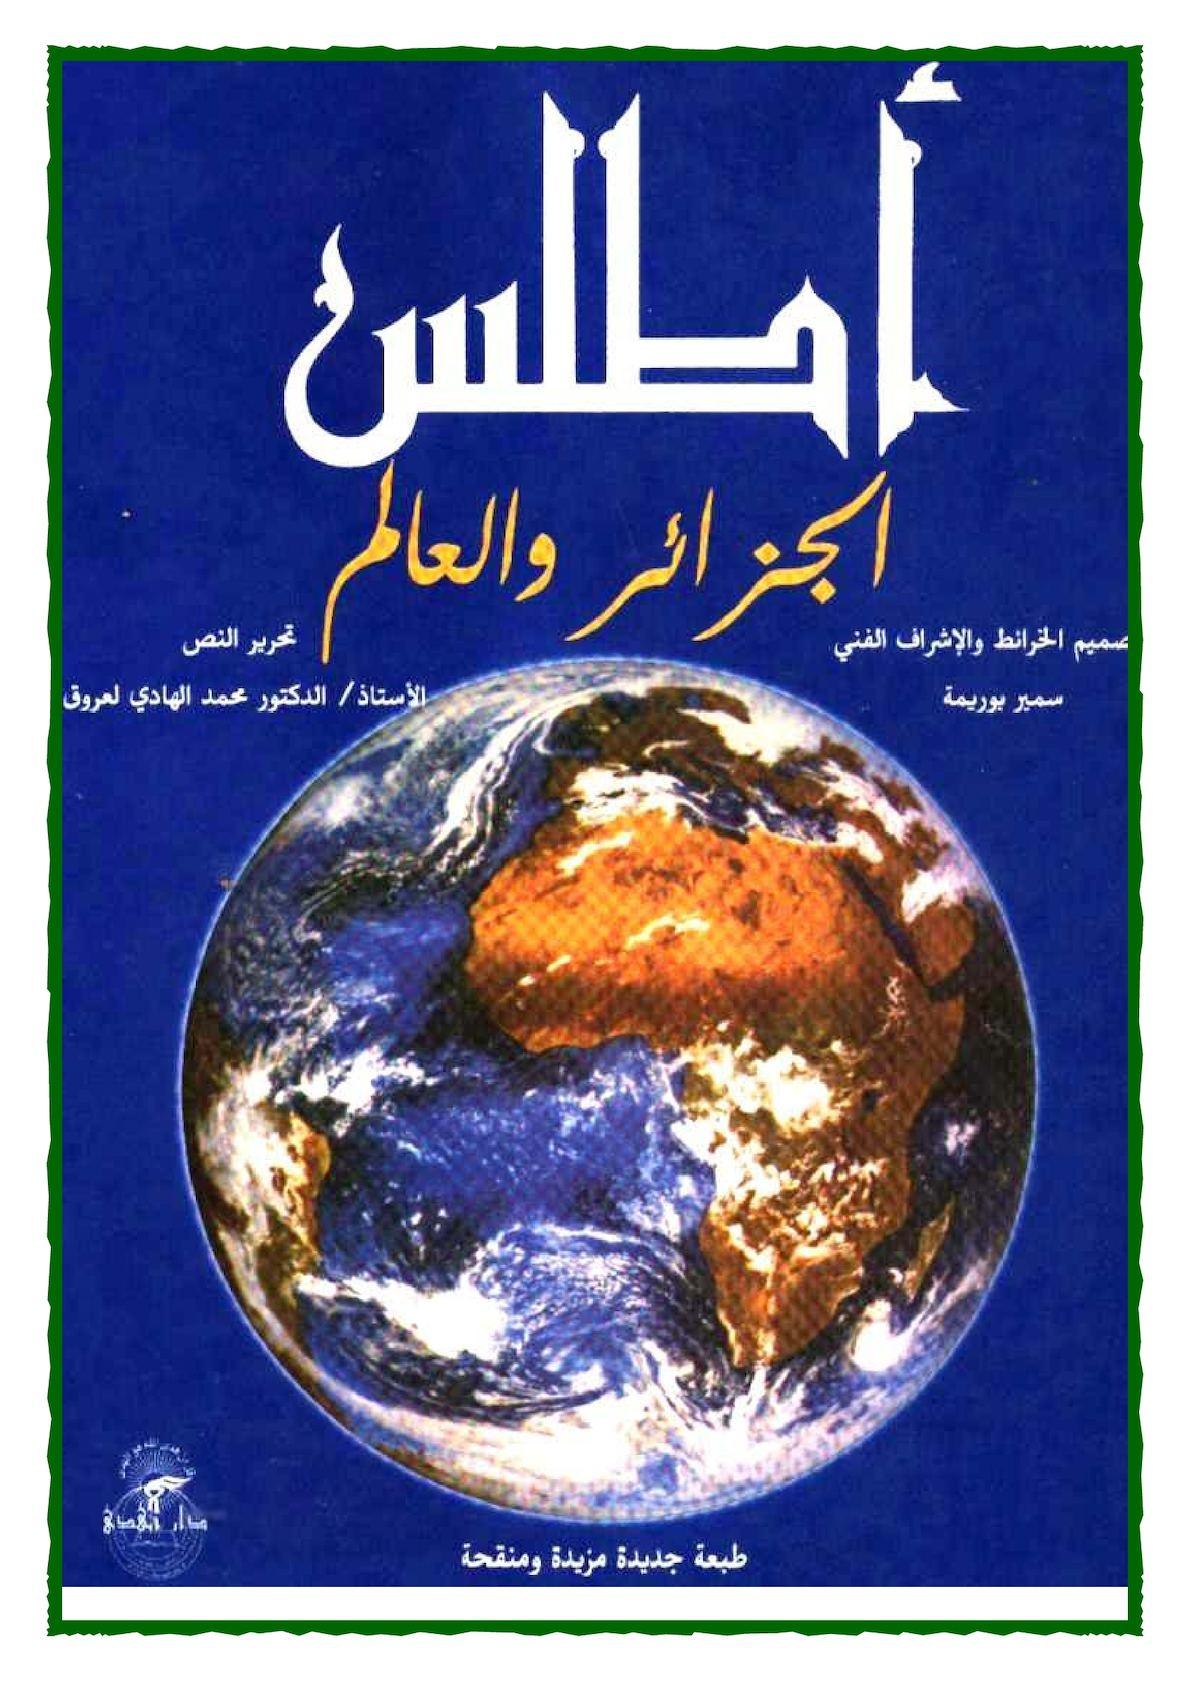 أطلس الجزائر والعالم